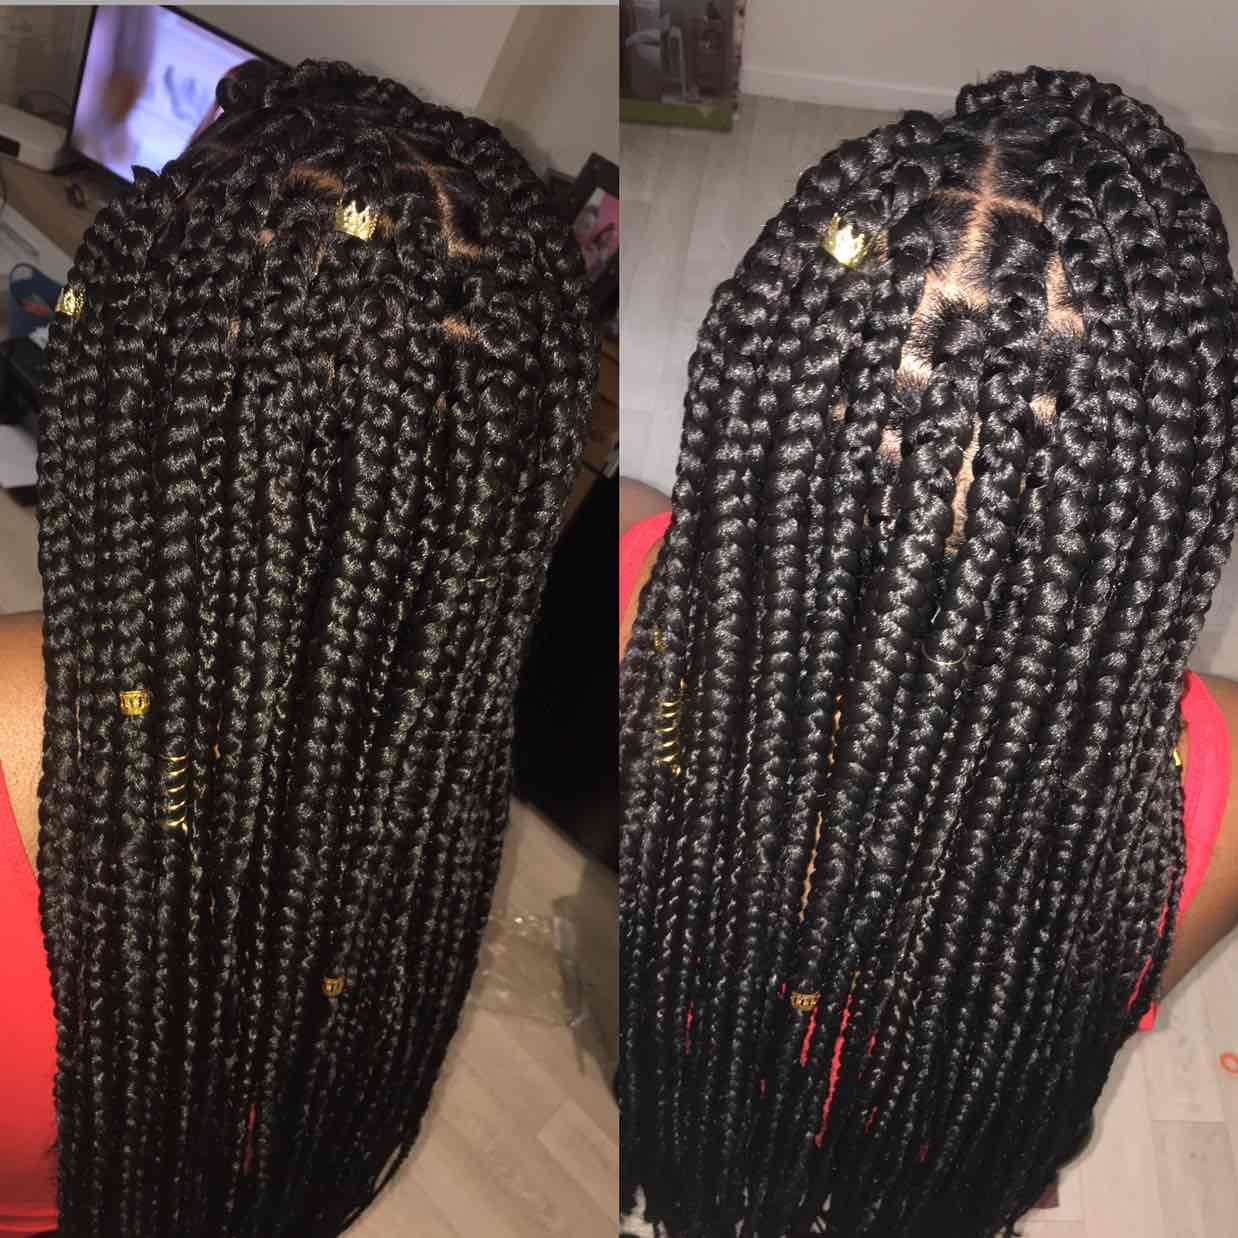 salon de coiffure afro tresse tresses box braids crochet braids vanilles tissages paris 75 77 78 91 92 93 94 95 FDIYEWPL